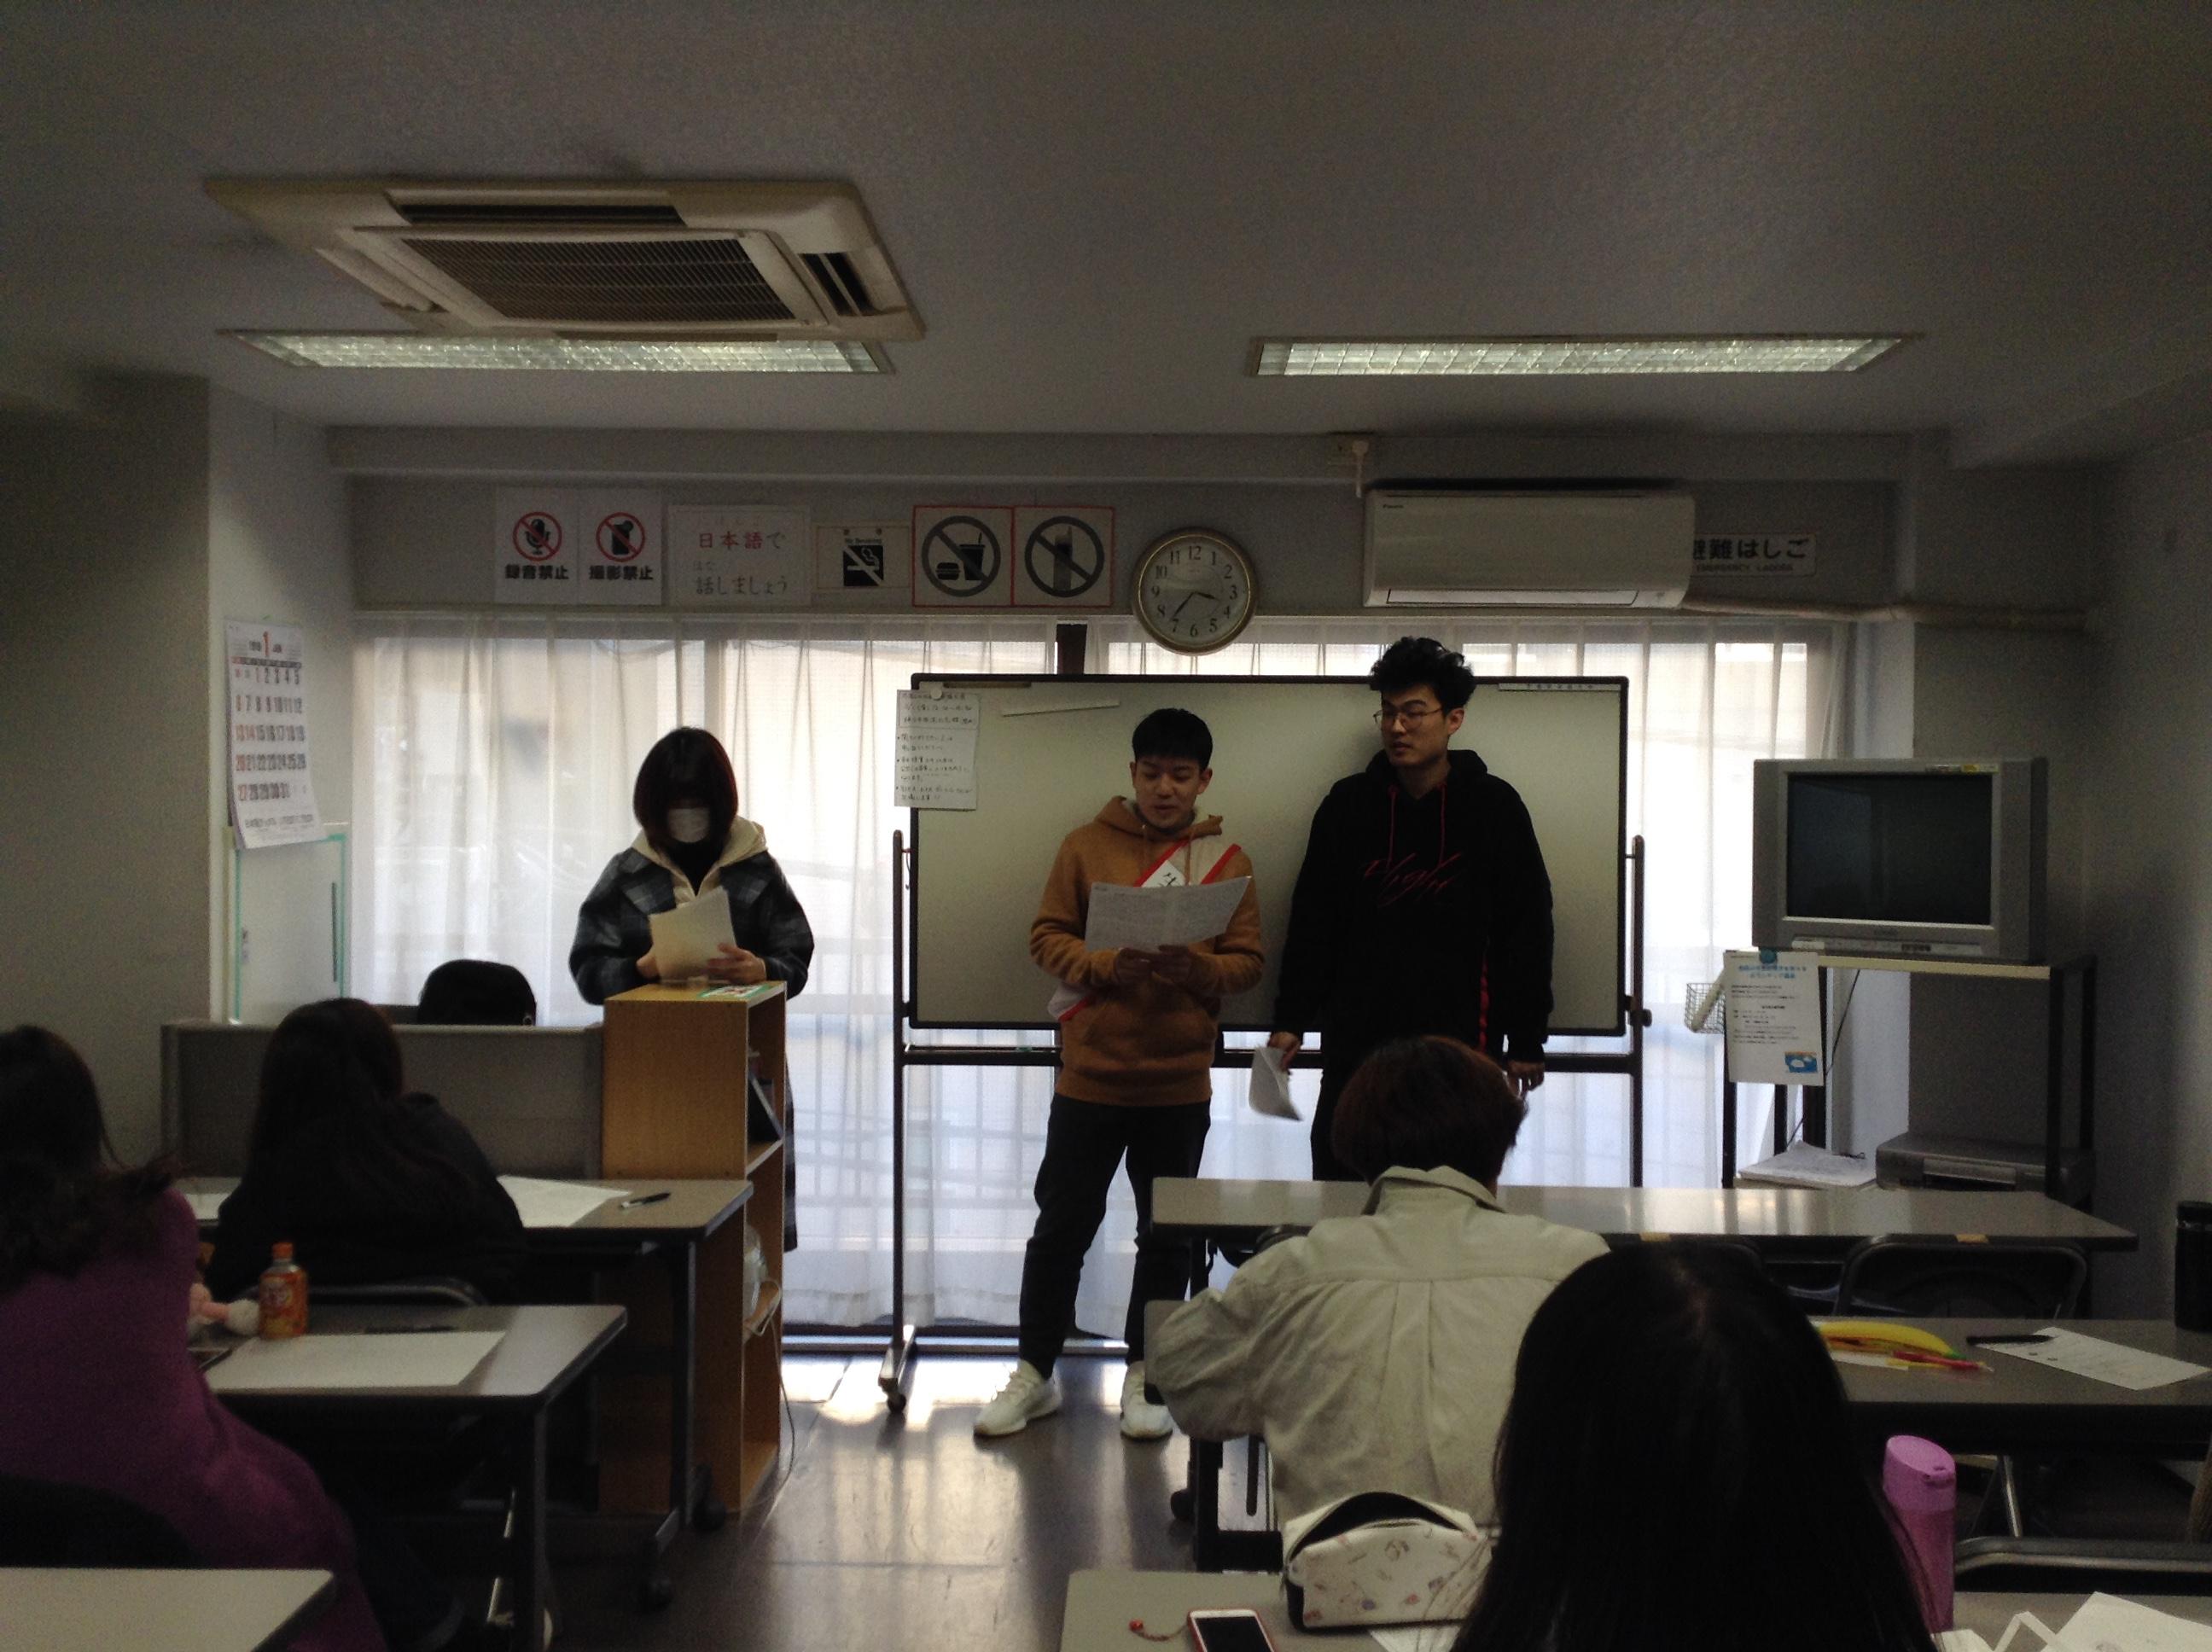 模拟选举,了解日本政治